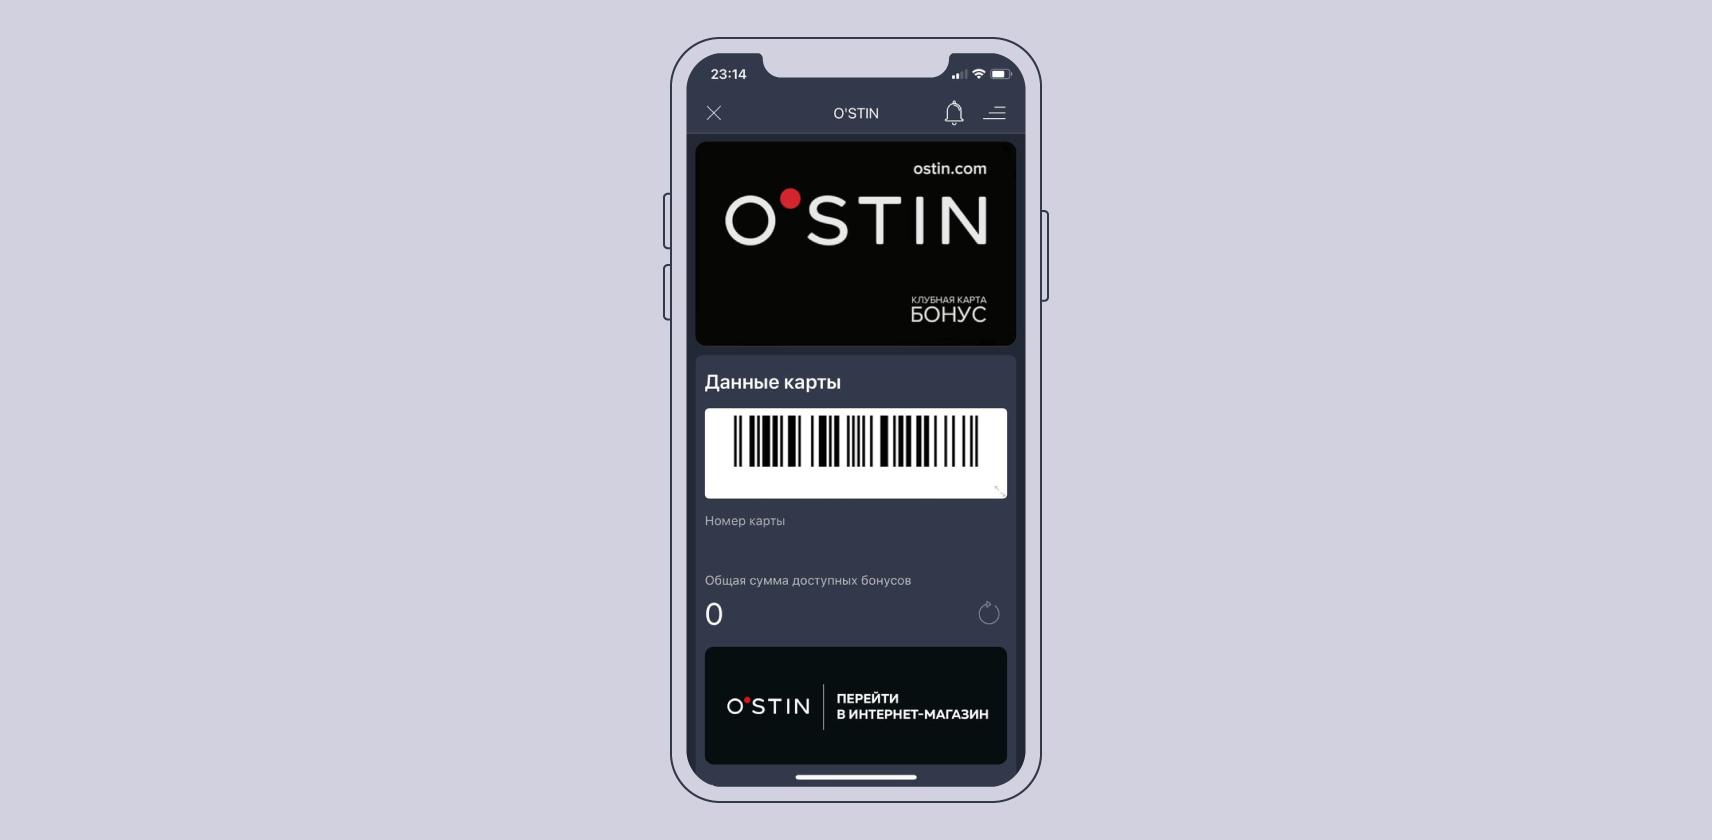 Бонусная карта O'STIN в приложении Кошелёк